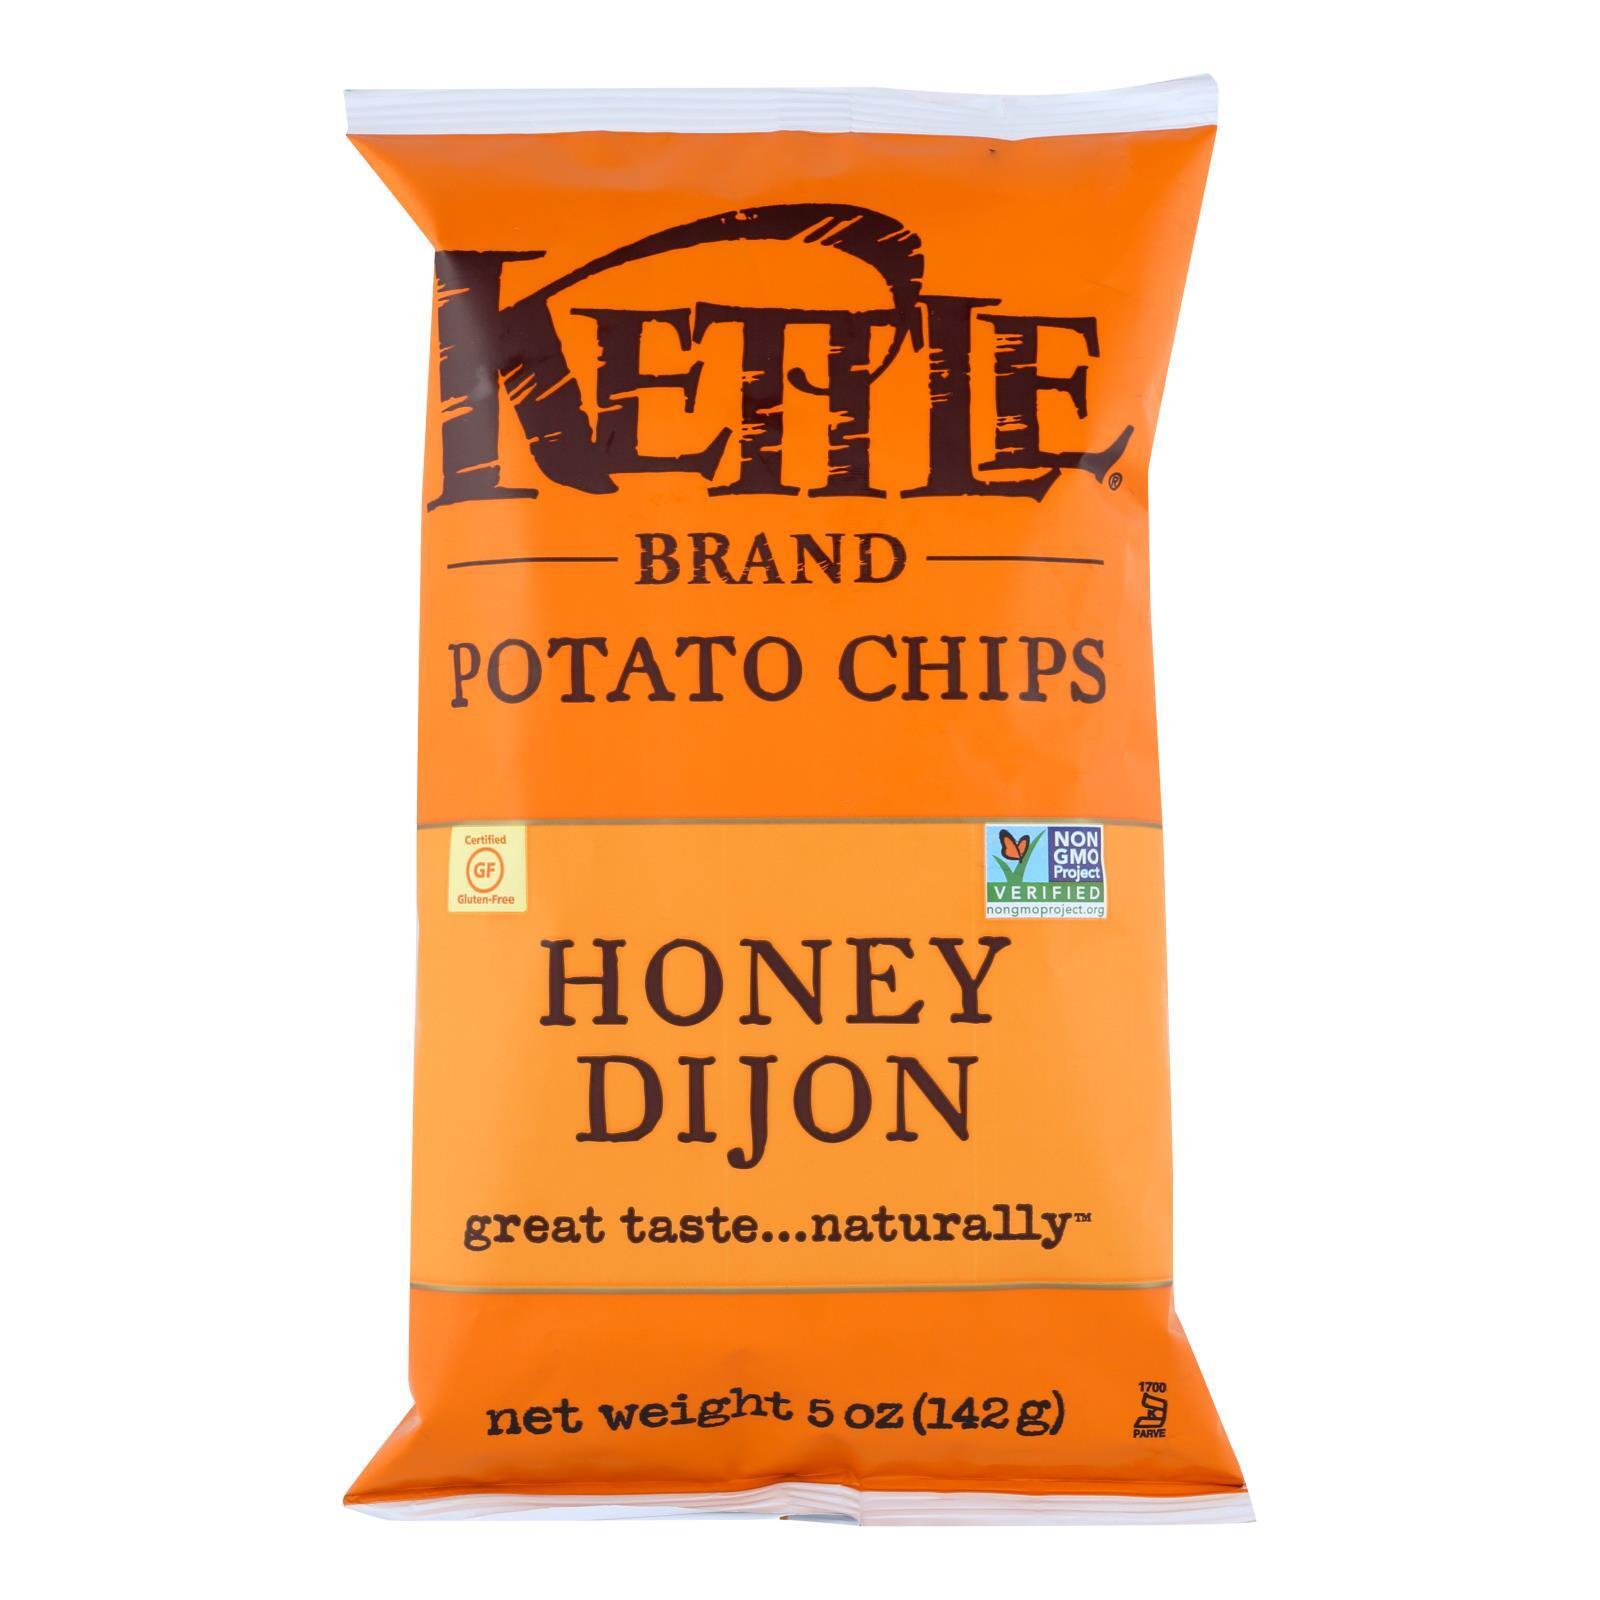 Kettle Brand Potato Chips - Honey Dijon - 5 oz - case of 15